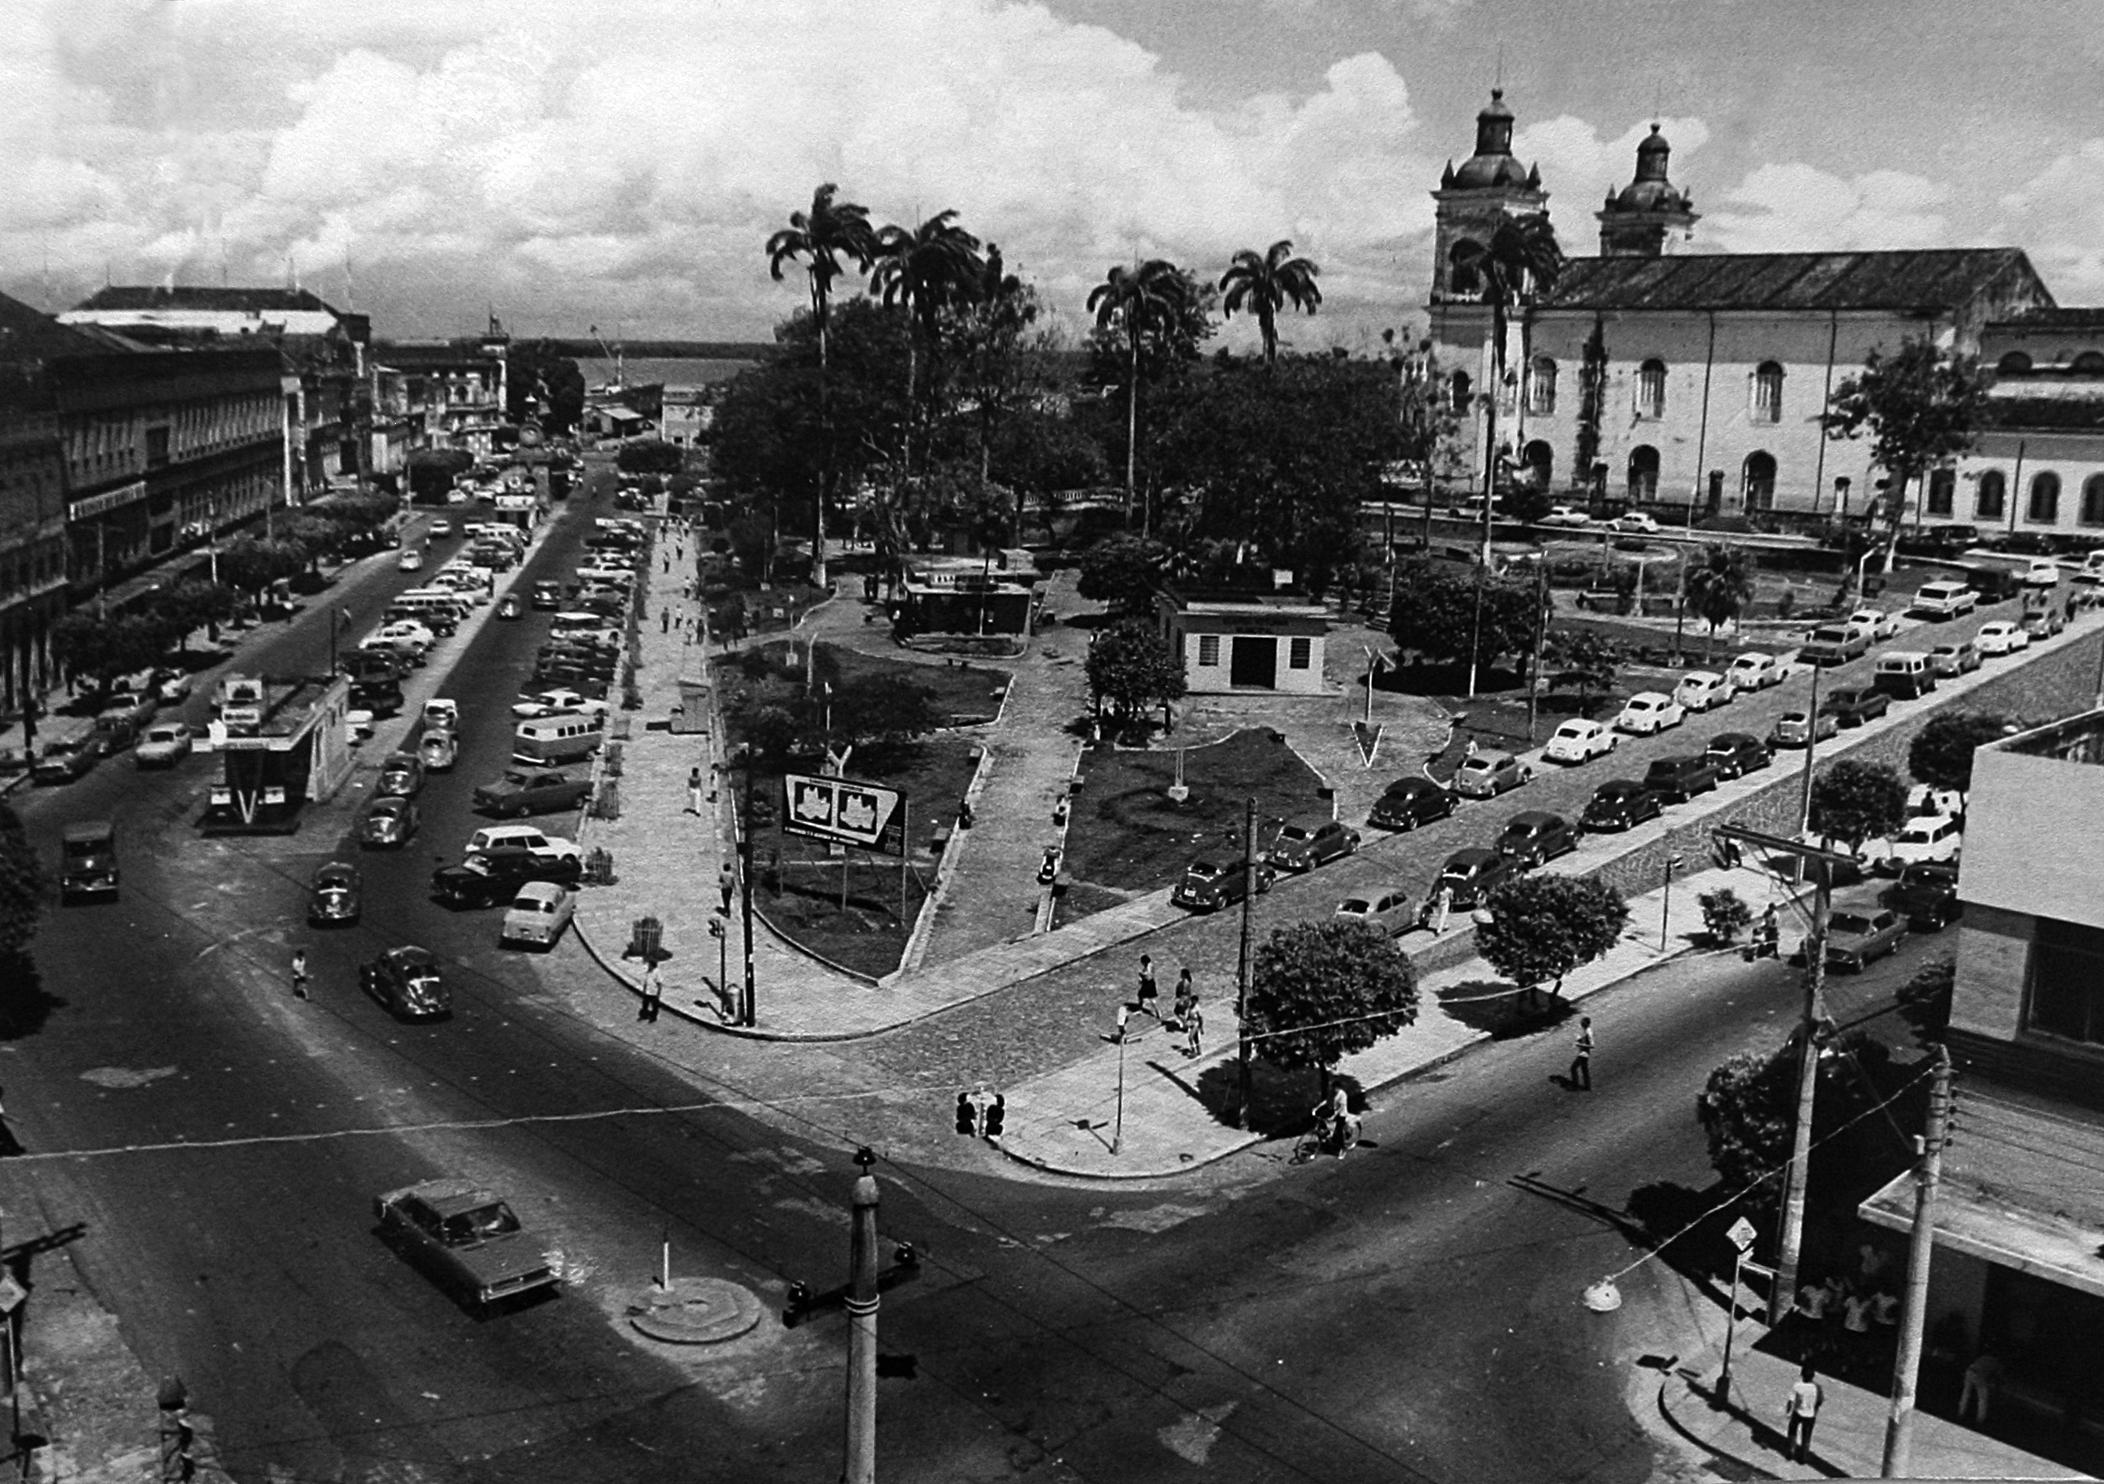 Vista do estacionamento da Igreja Matriz em Manaus